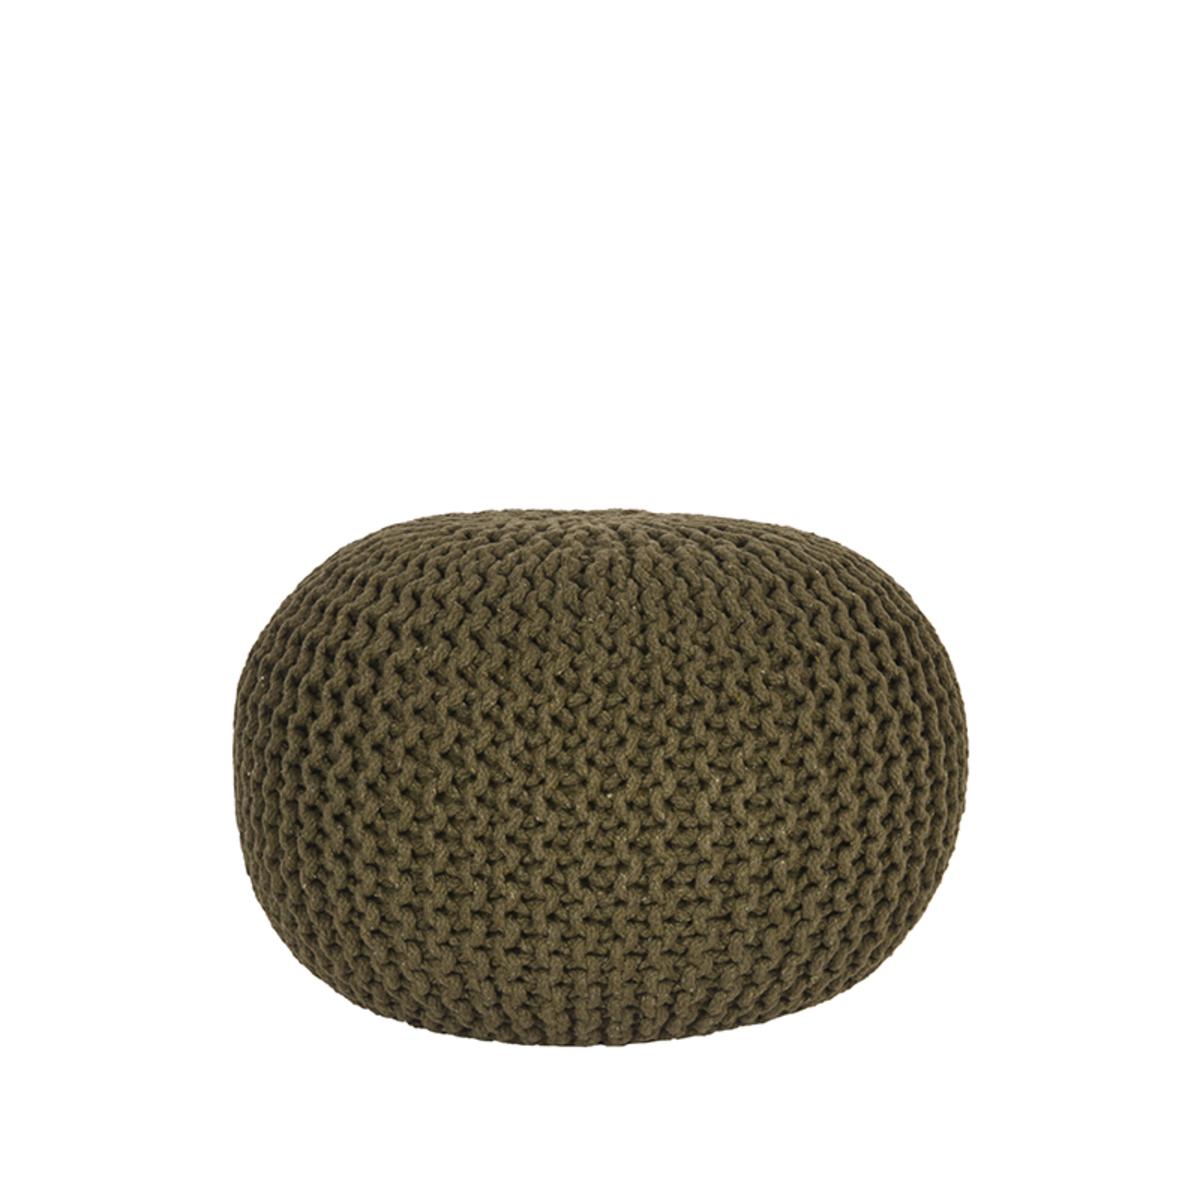 Label51 Poef Knitted Army green Katoen M online kopen